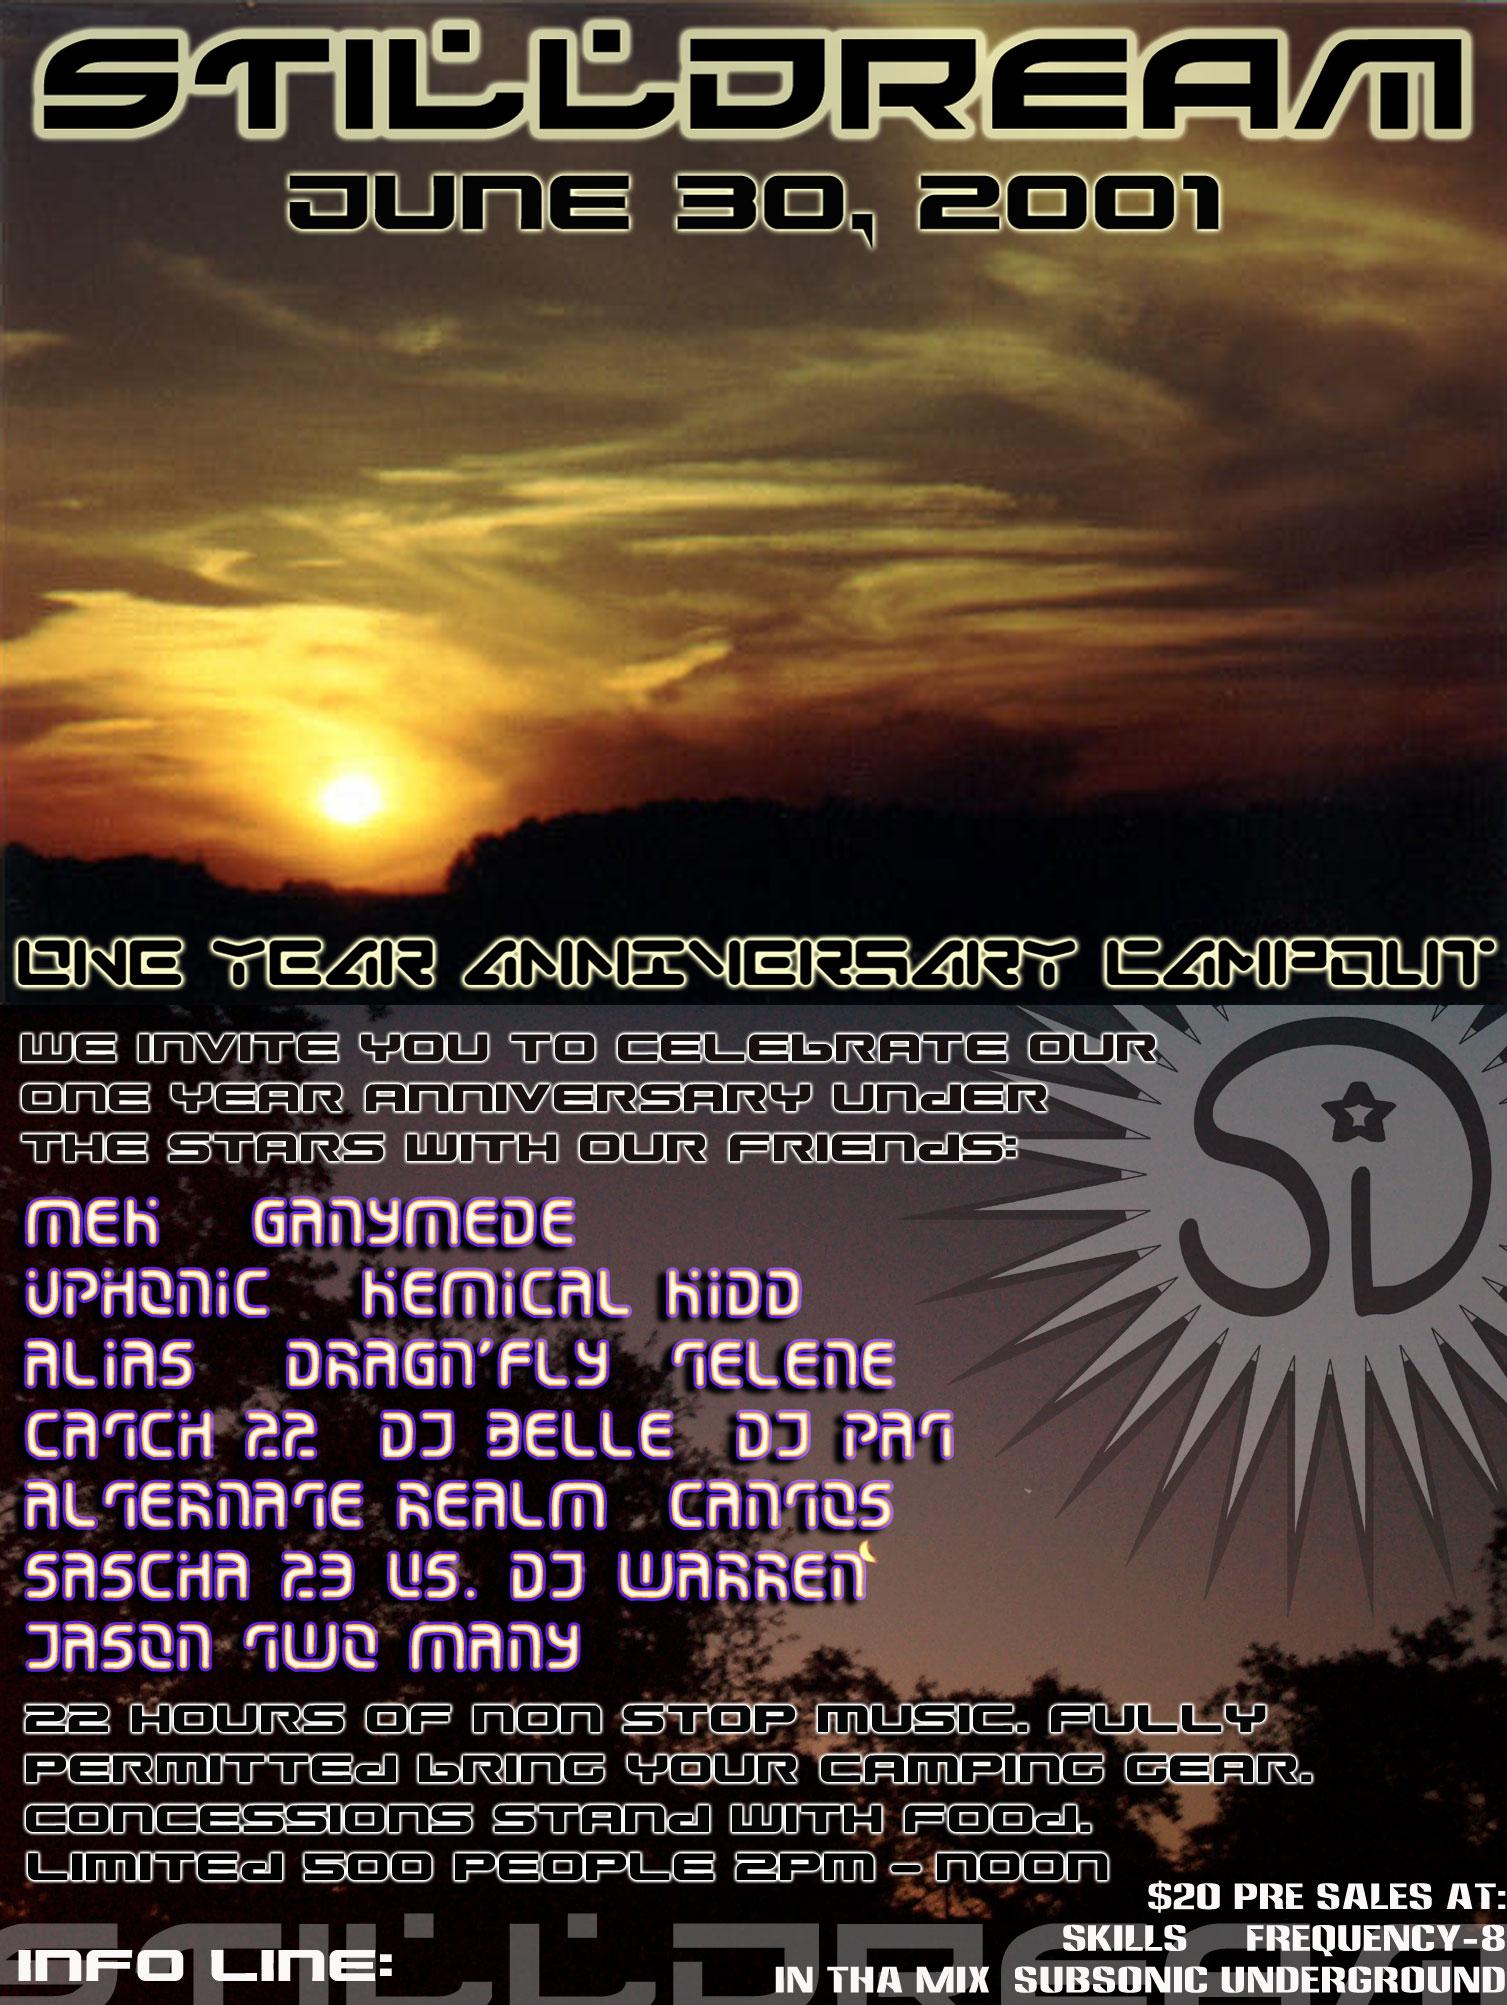 The Dream - Stilldream Festival